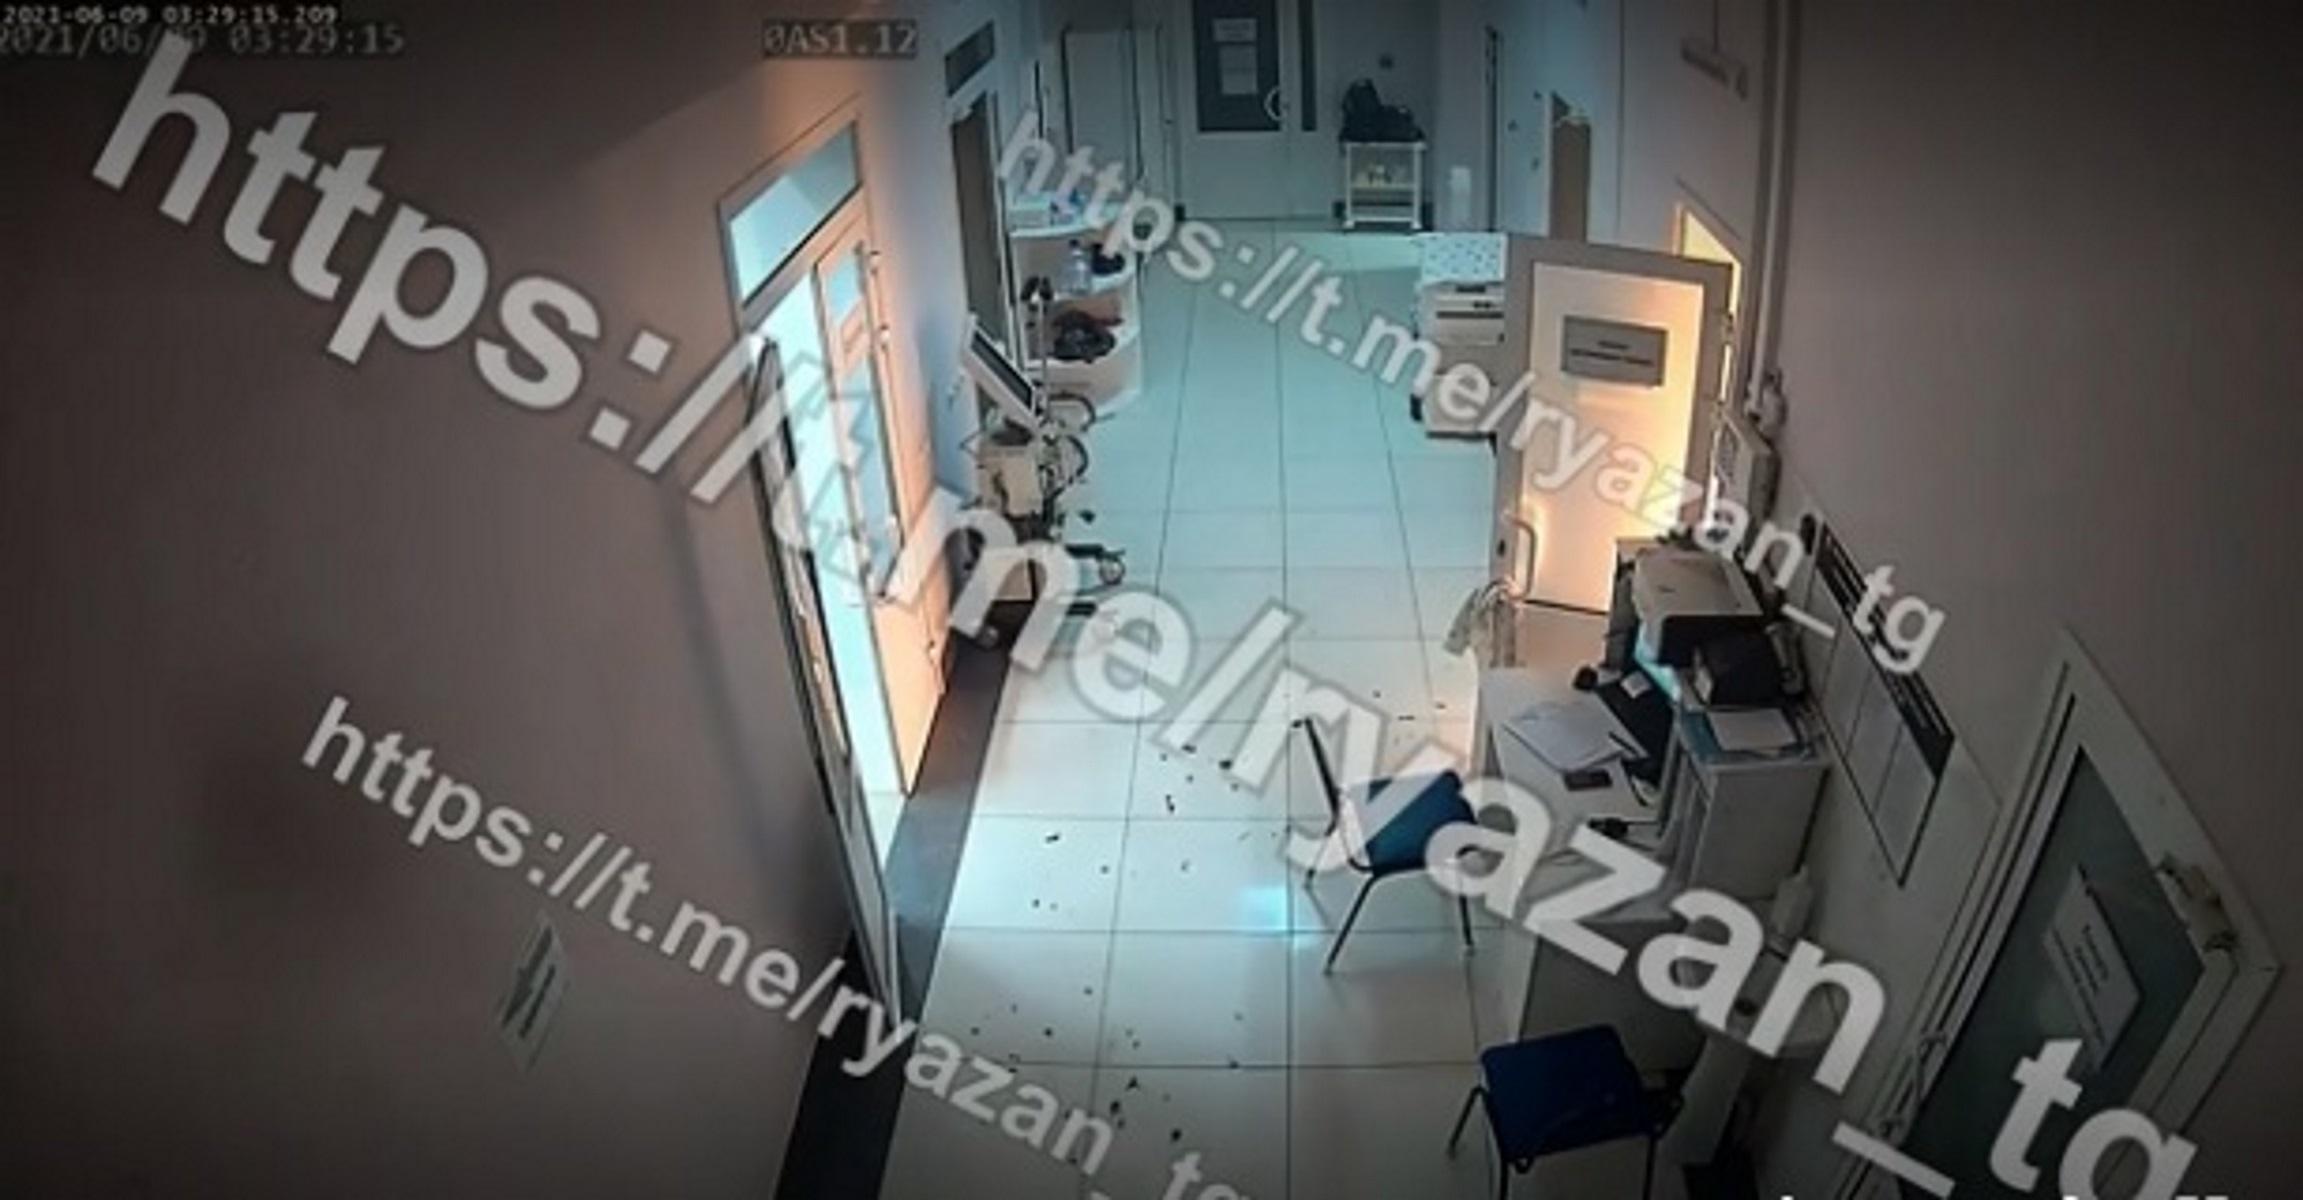 Ρωσία: Η στιγμή που ξεσπά φωτιά σε ΜΕΘ νοσοκομείου – Συγκλονιστικό video